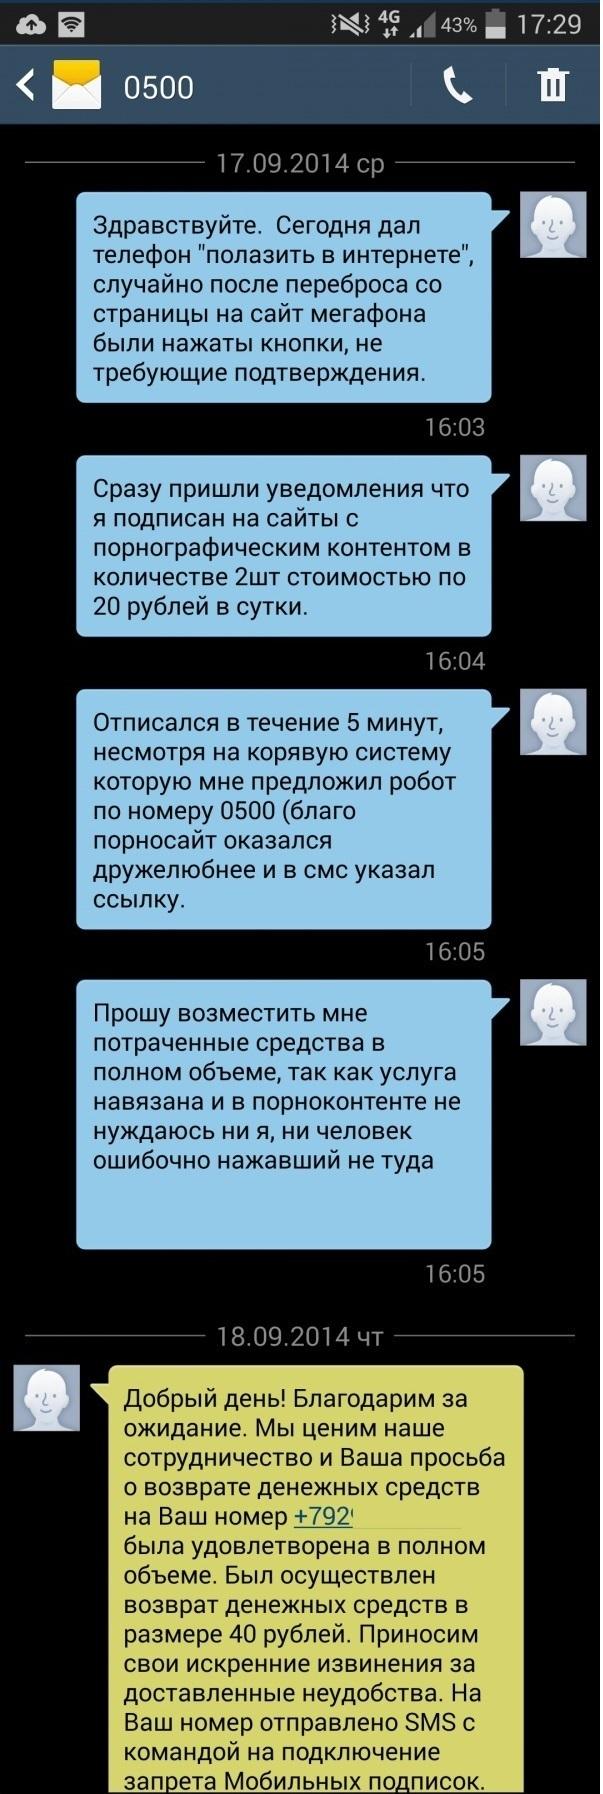 menshova-eroticheskoe-sotrudnichestvo-s-porno-saytami-lesbiyanki